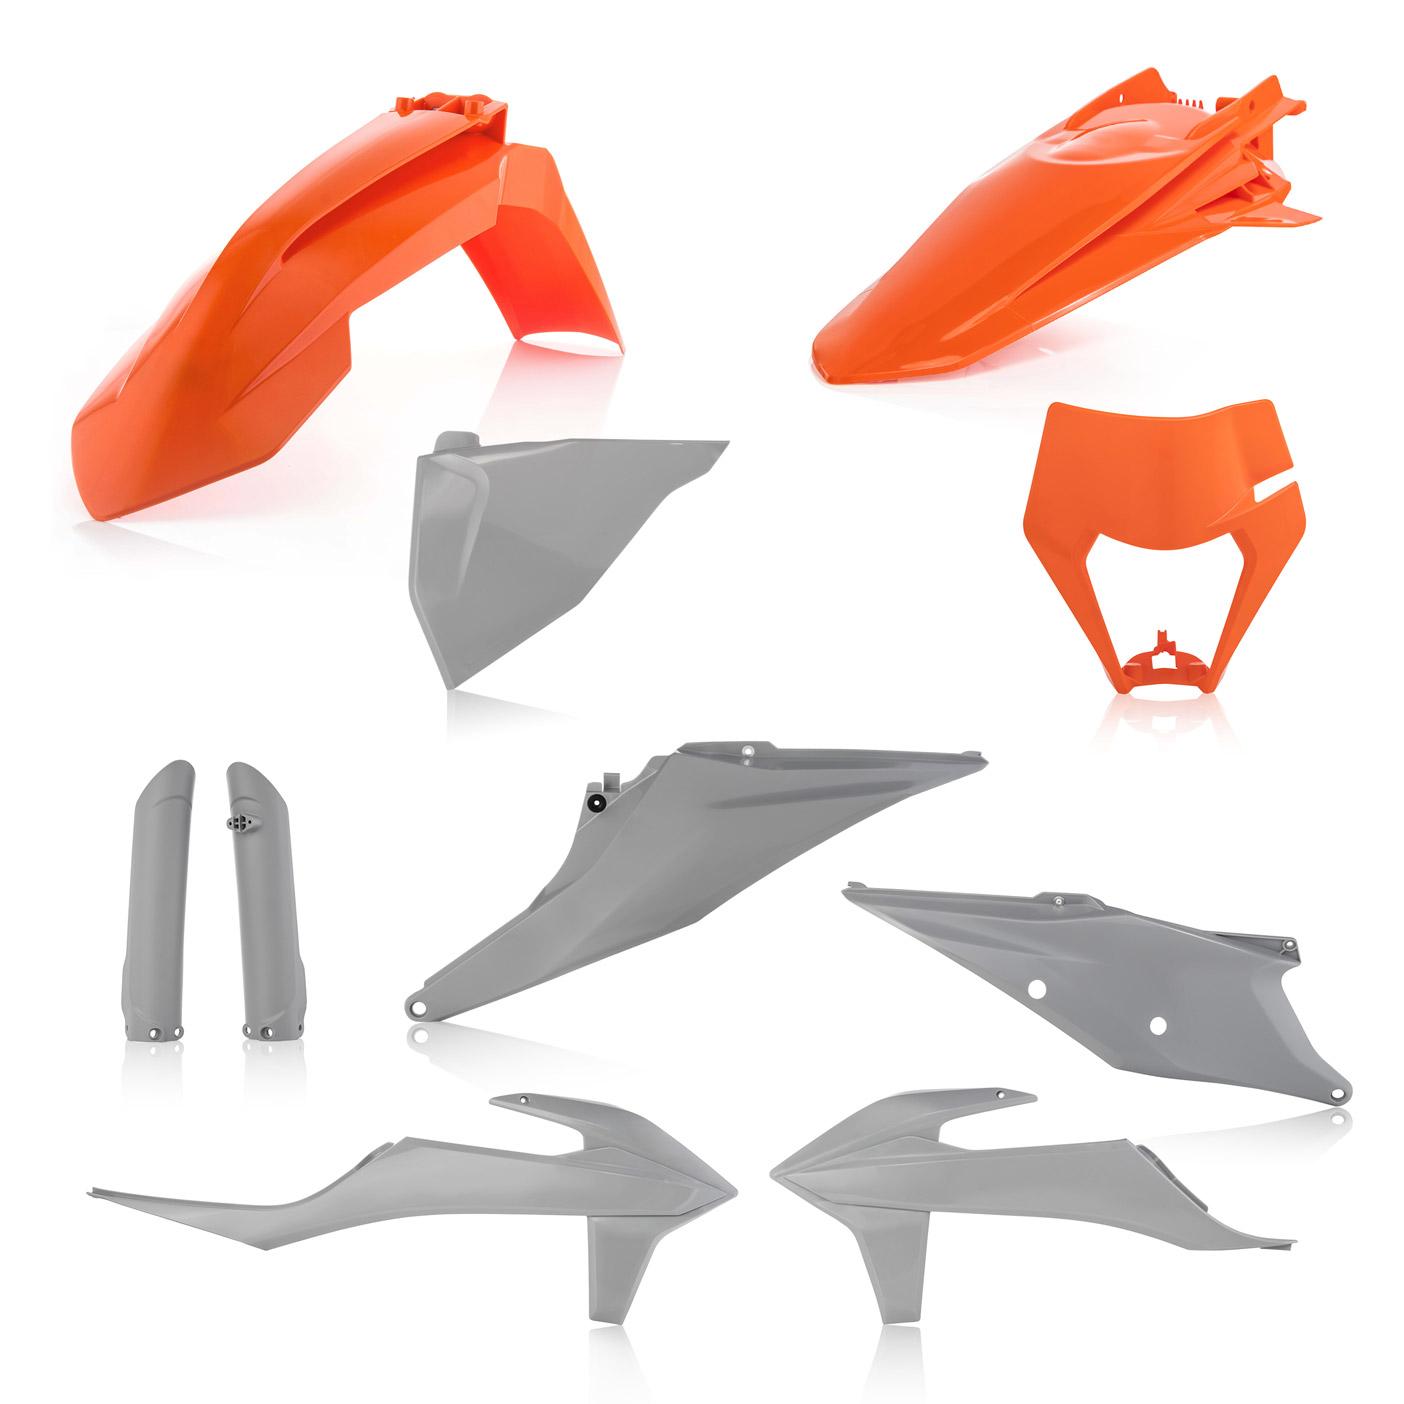 Plastikteile für deine KTM EXC und EXC-F in grau-orange, bestehend aus Frontkotflügel, Heckkotflügel, Tankspoiler, Gabelschoner, Nummerntafeln und Lampenmaske